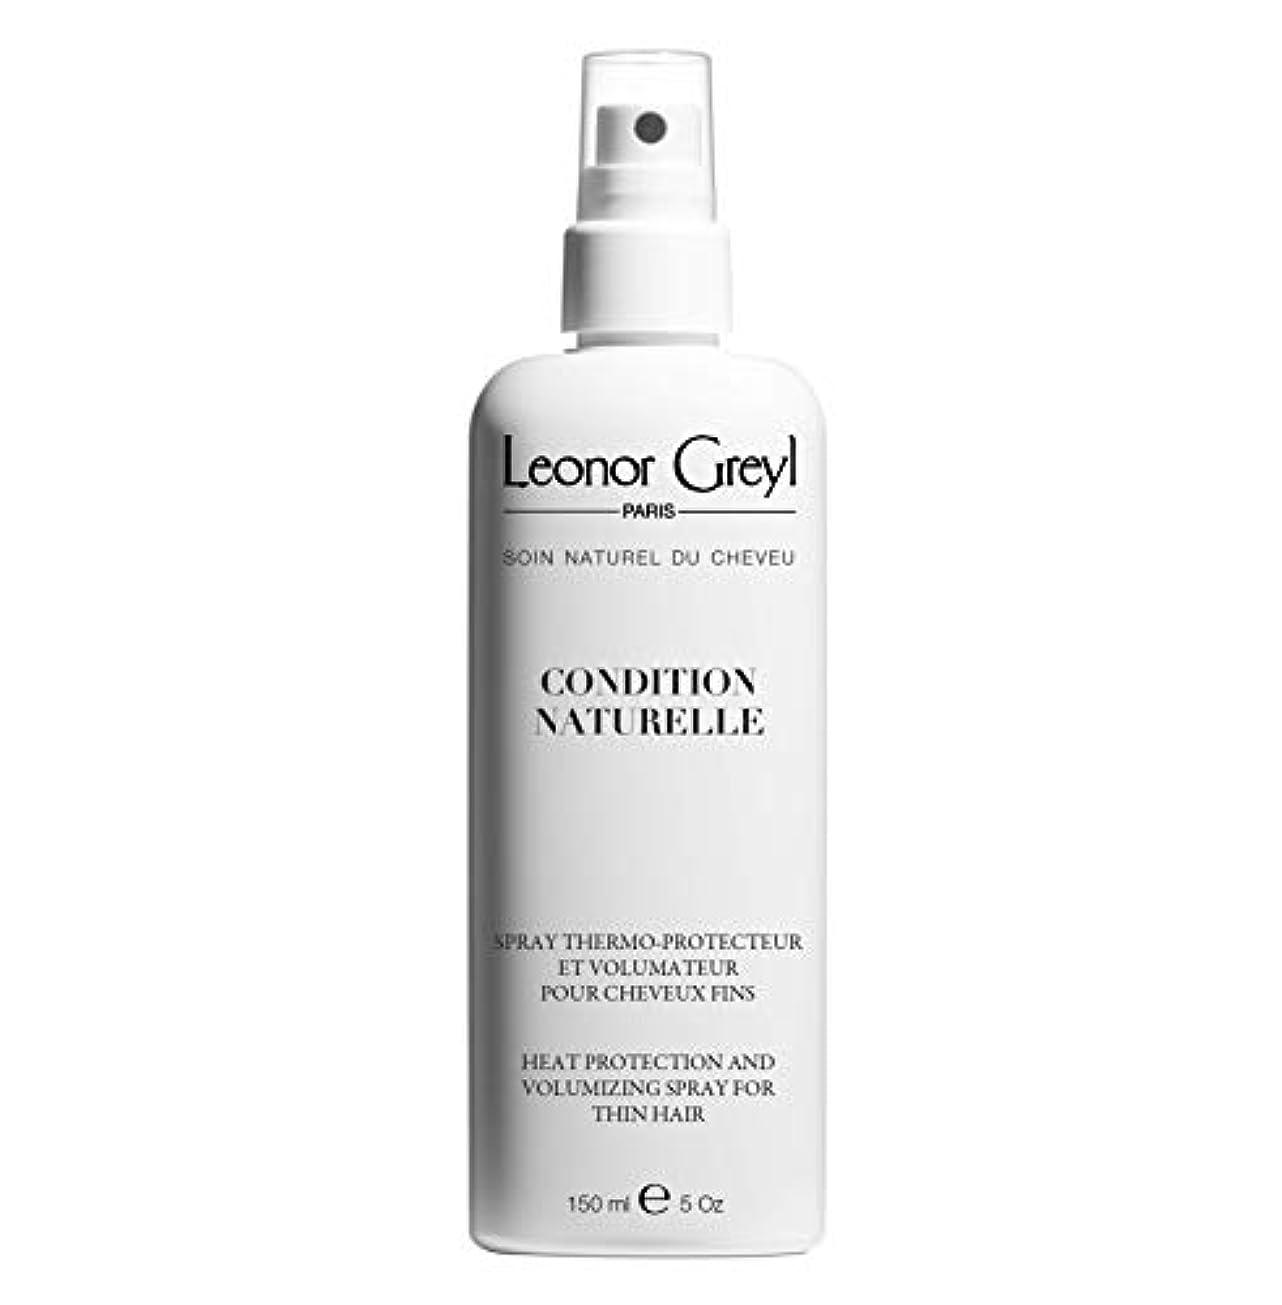 アベニュー豊かなそしてLeonor Greyl Paris コンディションNaturelle - 熱は保護とボリューム化は薄い髪、5.2オンスのためのスプレー。